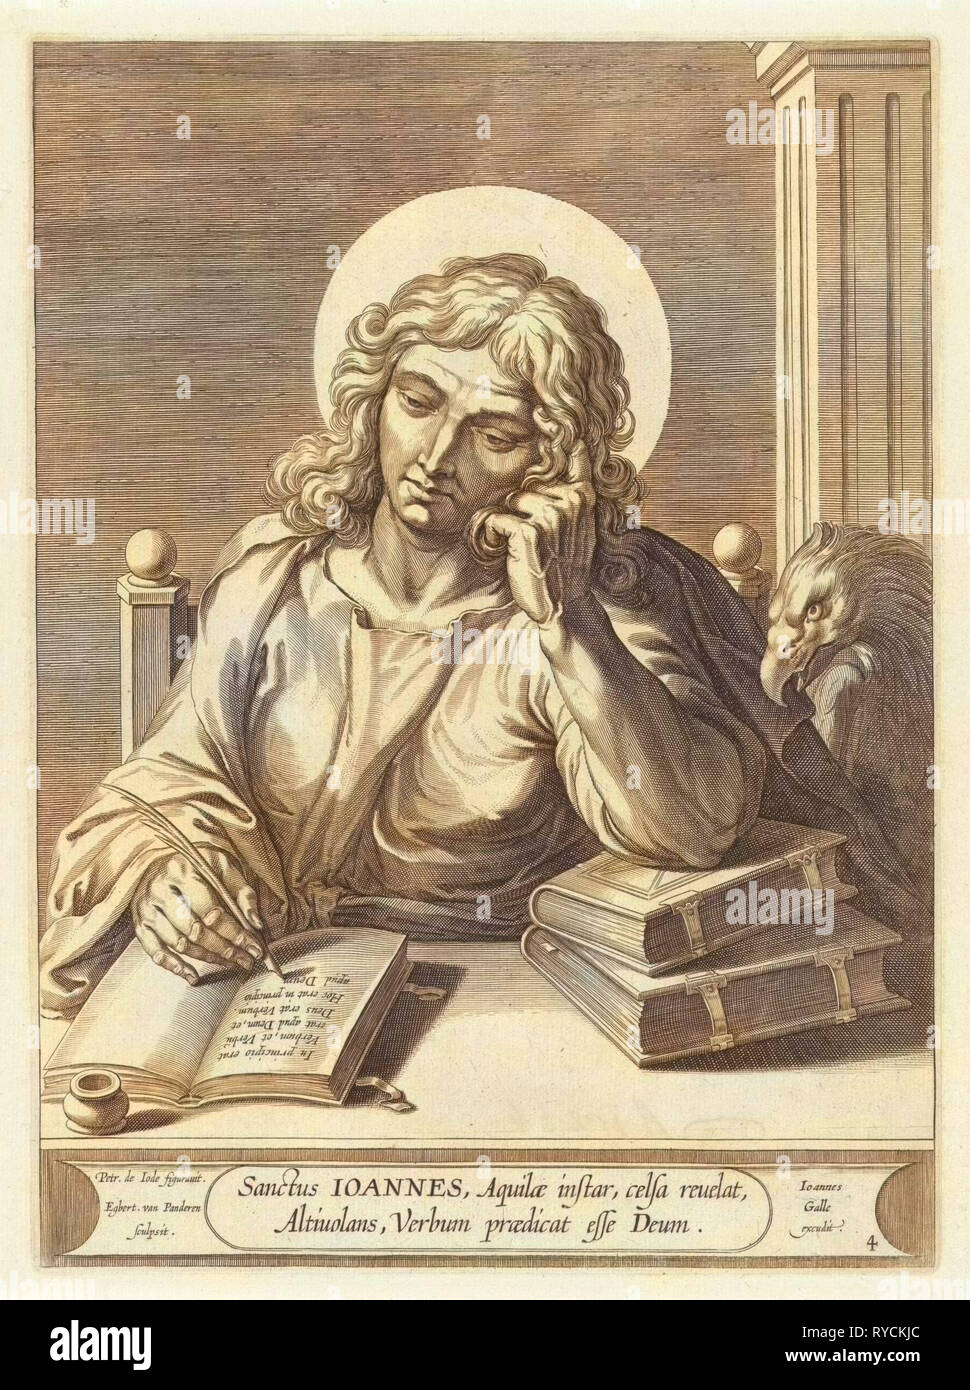 Evangelist John, print maker: Egbert van Panderen, Pieter de Jode I, Joannes Galle, c. 1590 - 1637 - Stock Image